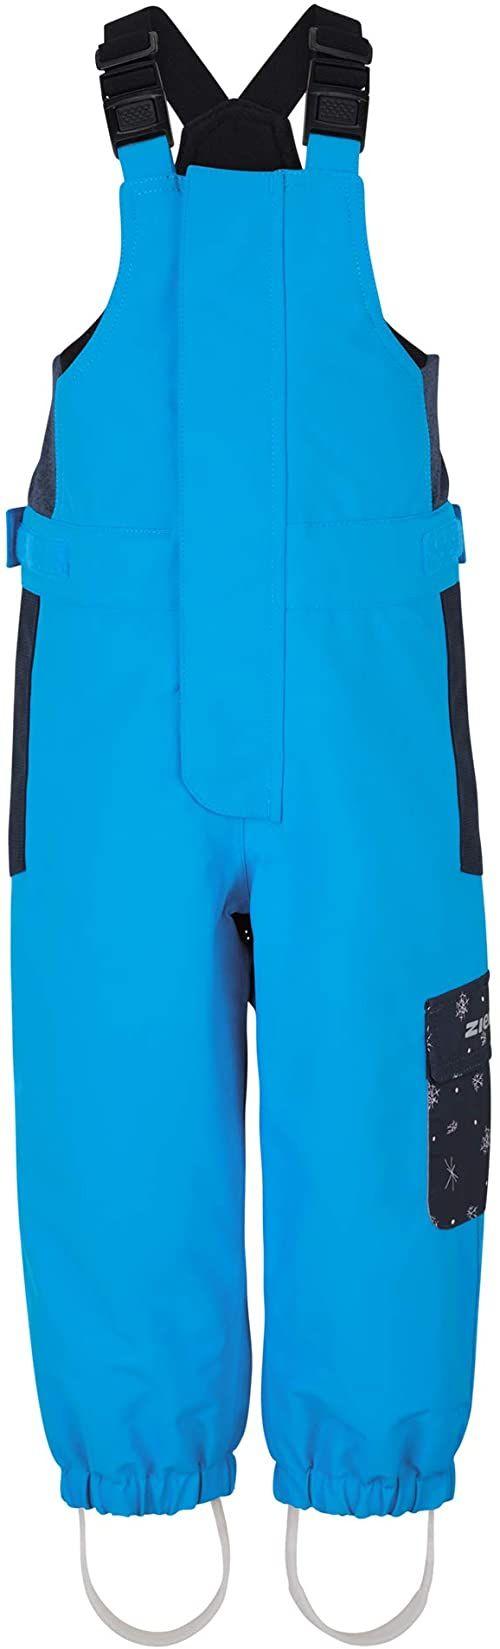 Ziener Dziewczęce spodnie narciarskie ALENA niemowlęce dla dzieci, wodoszczelne, wiatroszczelne, ciepłe, Alpine Wool, atlantic blue, 98